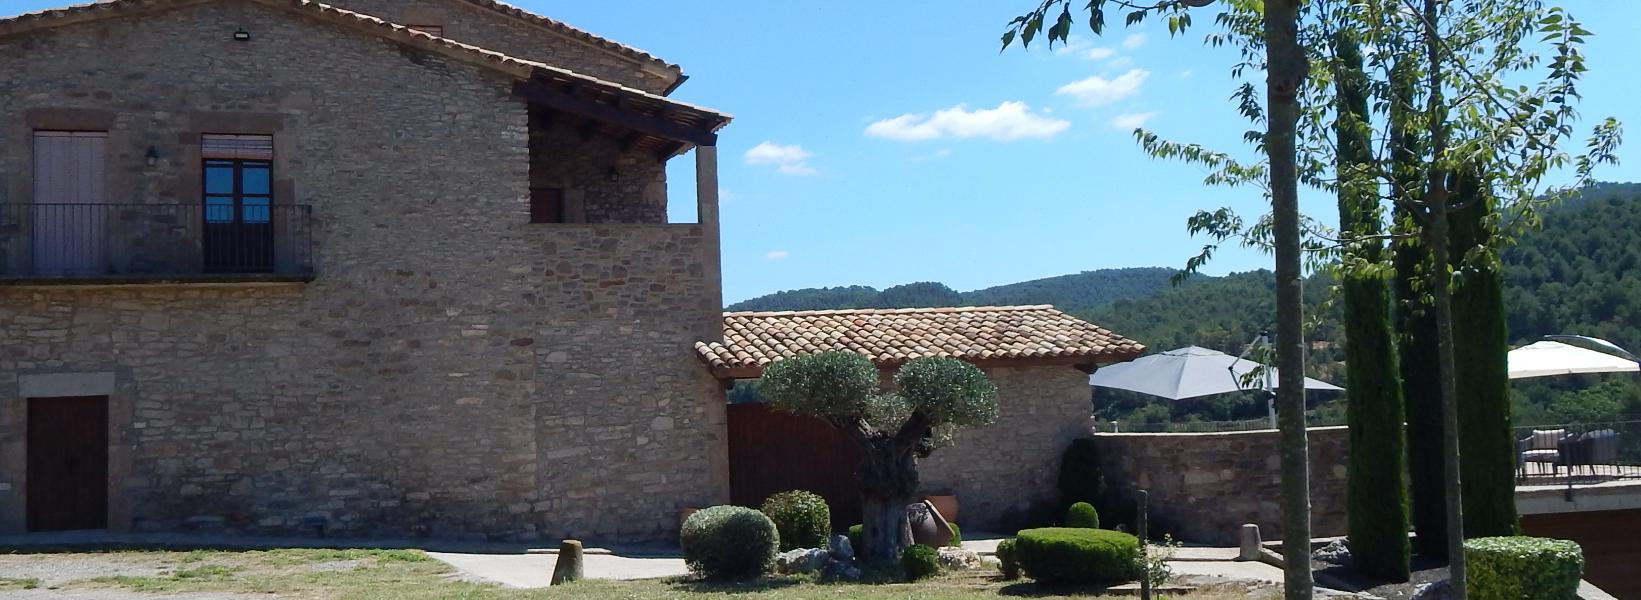 Masies Catalunya Rural - Masia Lledó de Trascastell